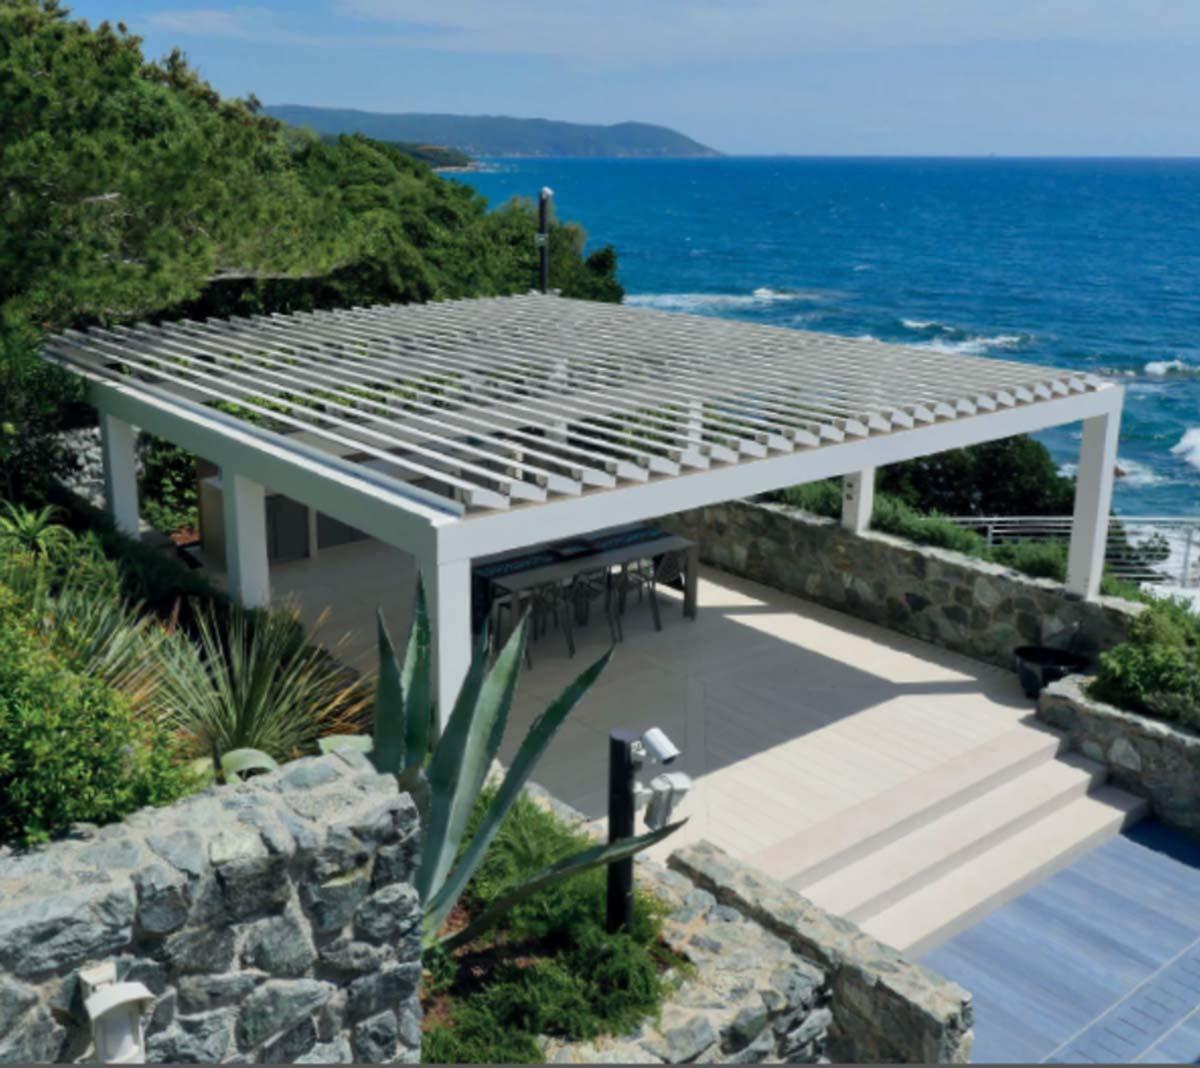 Dach Für Pergola lamellendächer als bioklimatische pergola- herstellerübersicht & preise